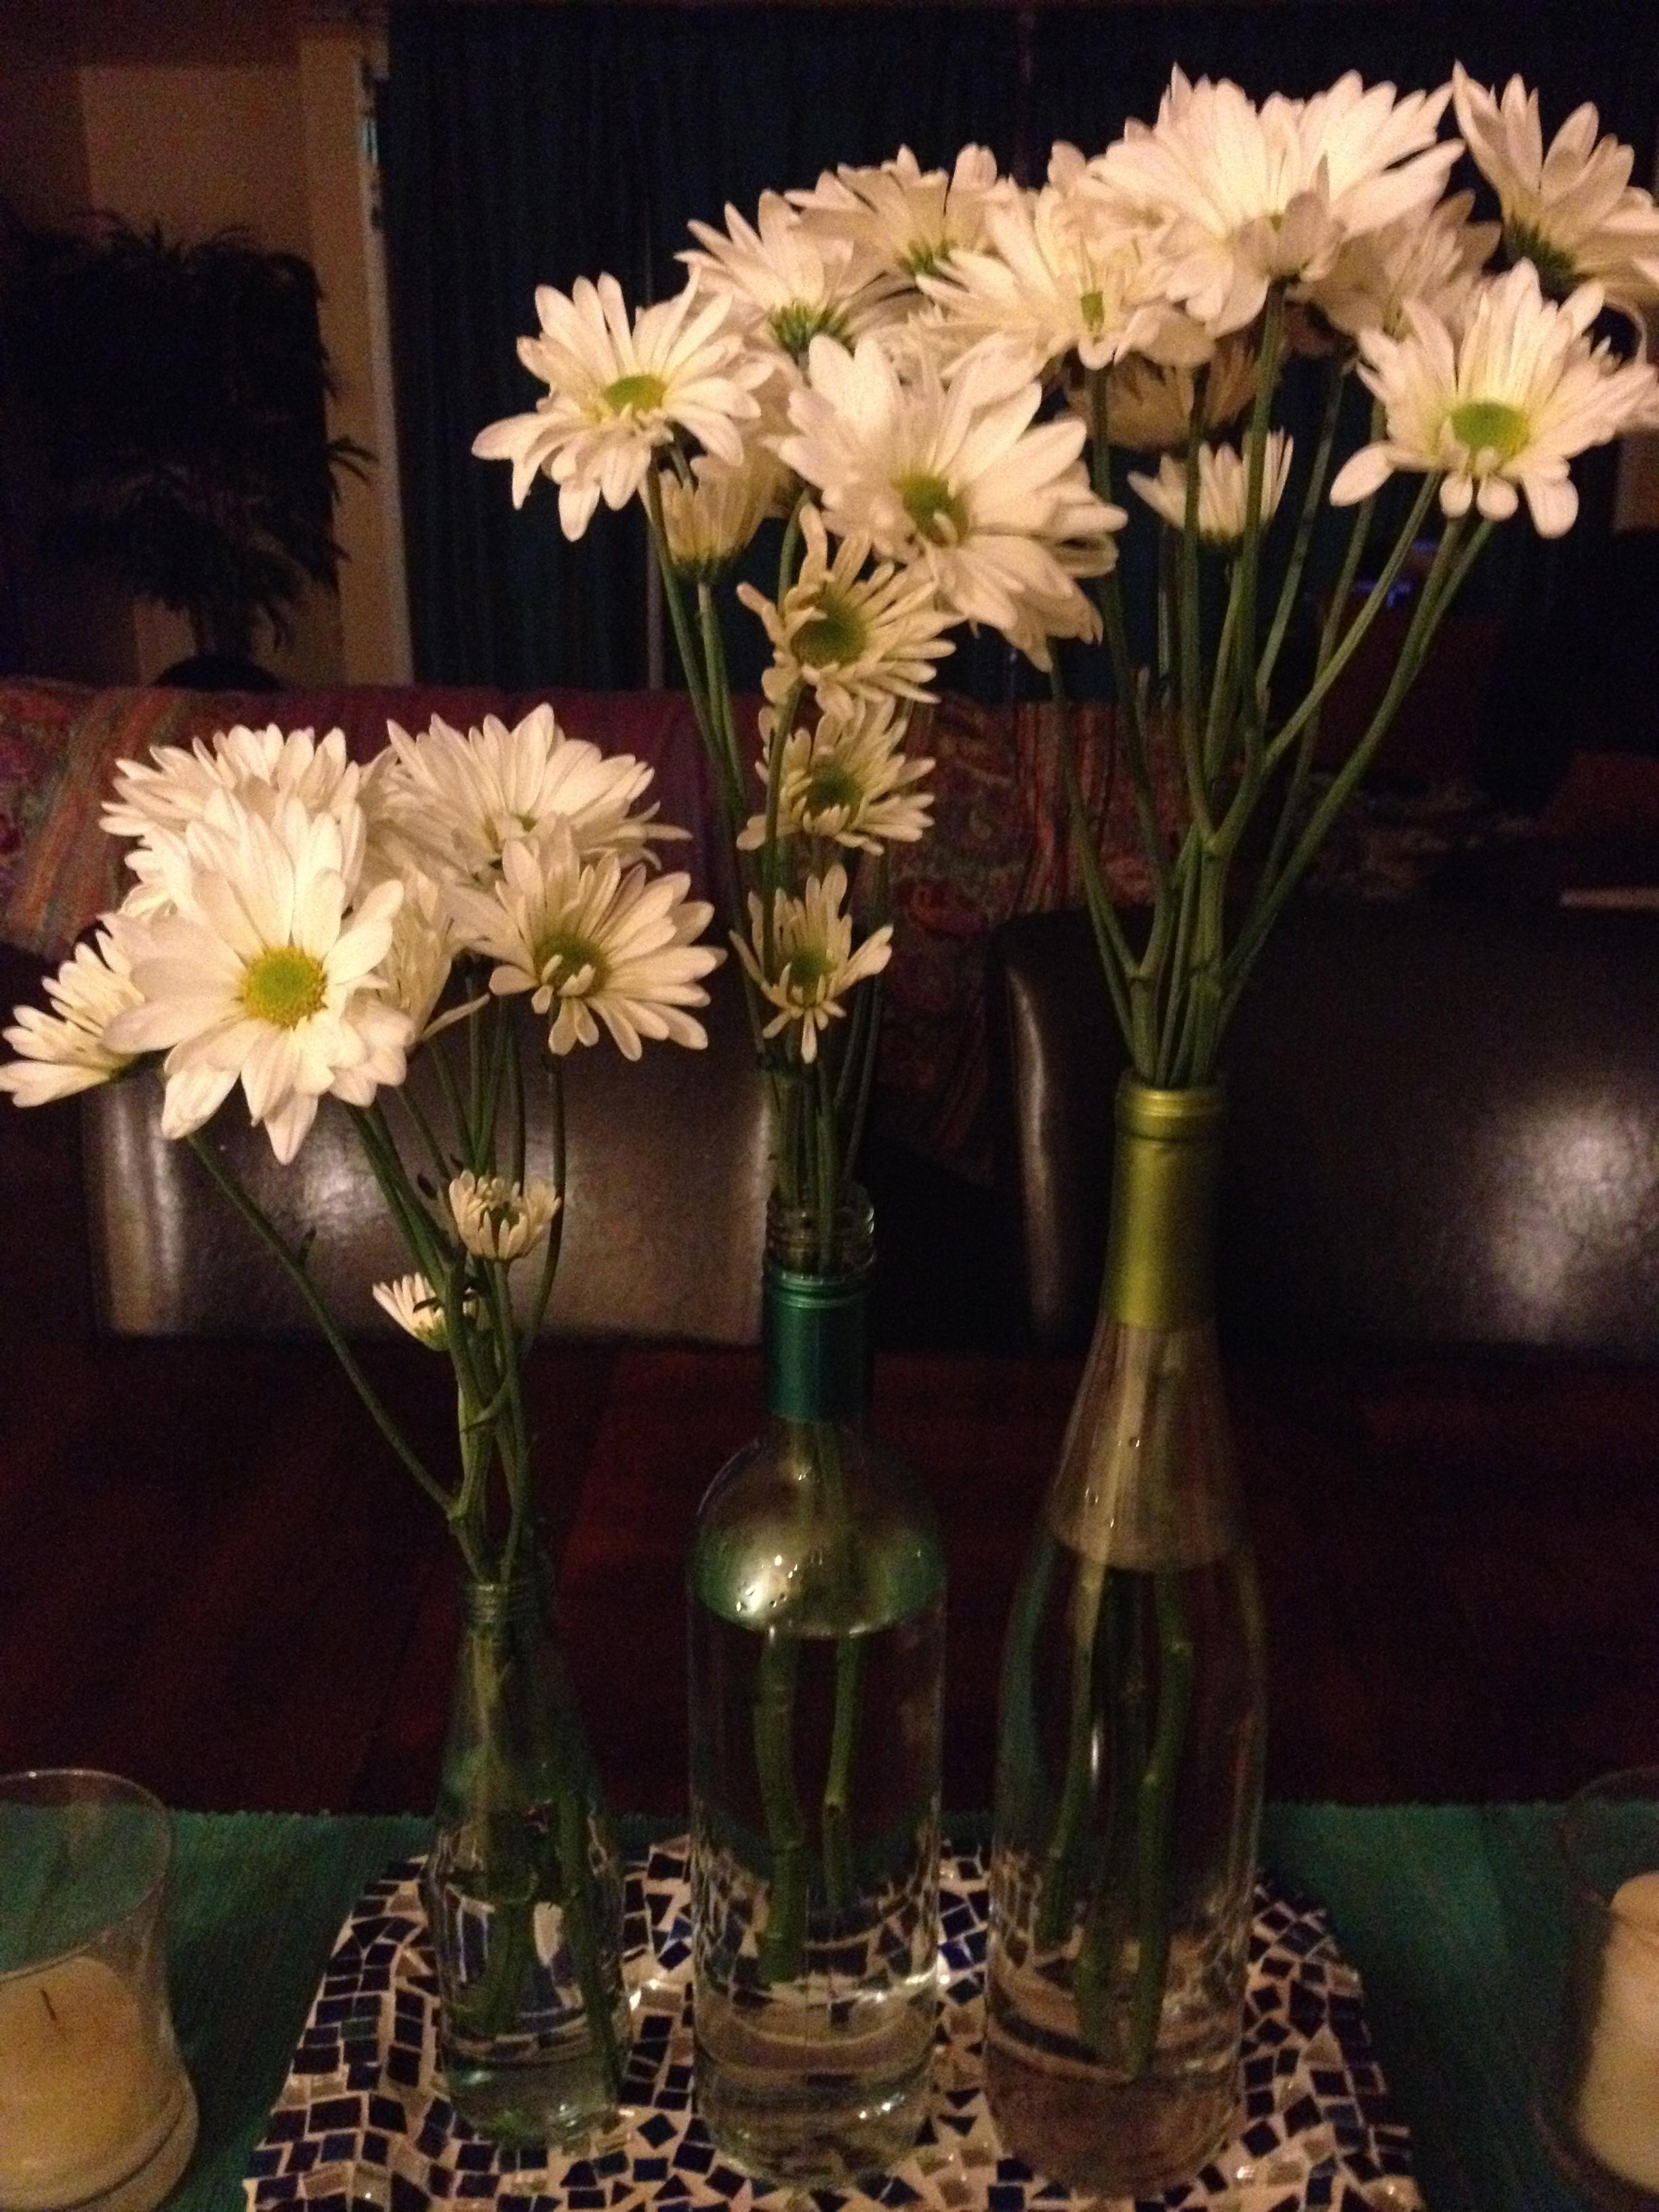 Sunday dinner wine bottle centerpiece wine bottle vases reviewsmspy